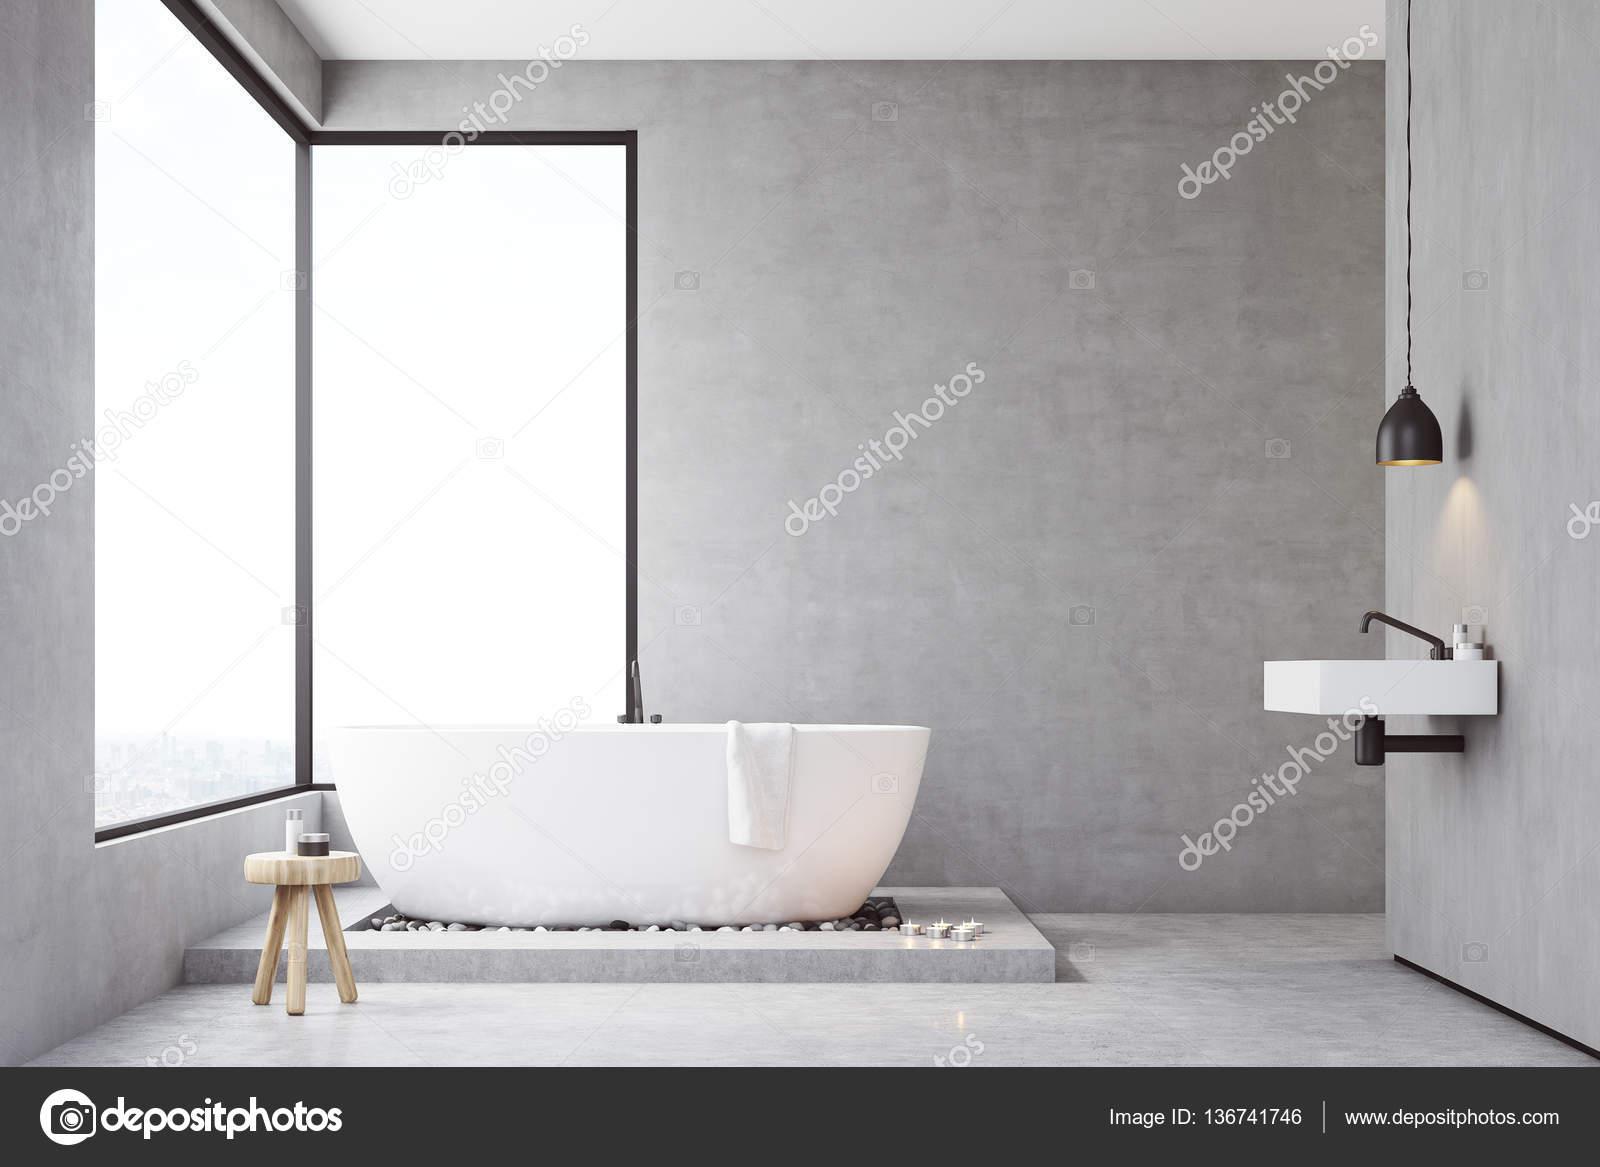 Betonnen Badkamer Muur : Badkamer met betonnen muren u stockfoto denisismagilov